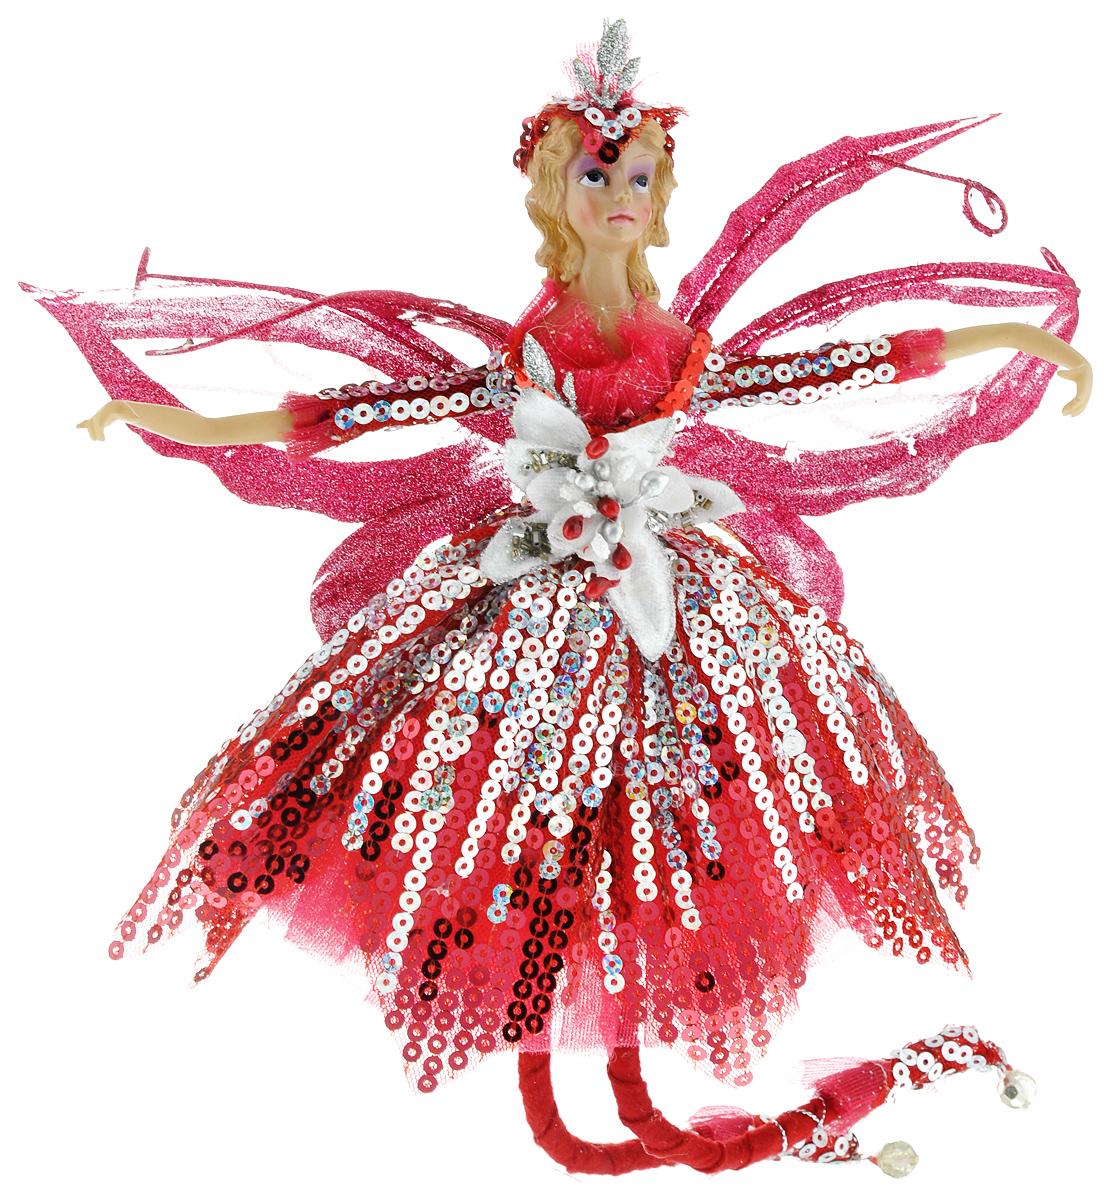 Новогоднее подвесное украшение Sima-land Фея, цвет: бордовый, высота 39 см685908/380-24Новогоднее украшение Sima-land Фея отлично подойдет для декорации вашего дома и новогодней ели. Игрушка выполнена из полистоуна в виде феи, декорированной блестками и пайетками. Украшение оснащено петелькой для подвешивания. Елочная игрушка - символ Нового года. Она несет в себе волшебство и красоту праздника. Создайте в своем доме атмосферу веселья и радости, украшая всей семьей новогоднюю елку нарядными игрушками, которые будут из года в год накапливать теплоту воспоминаний.